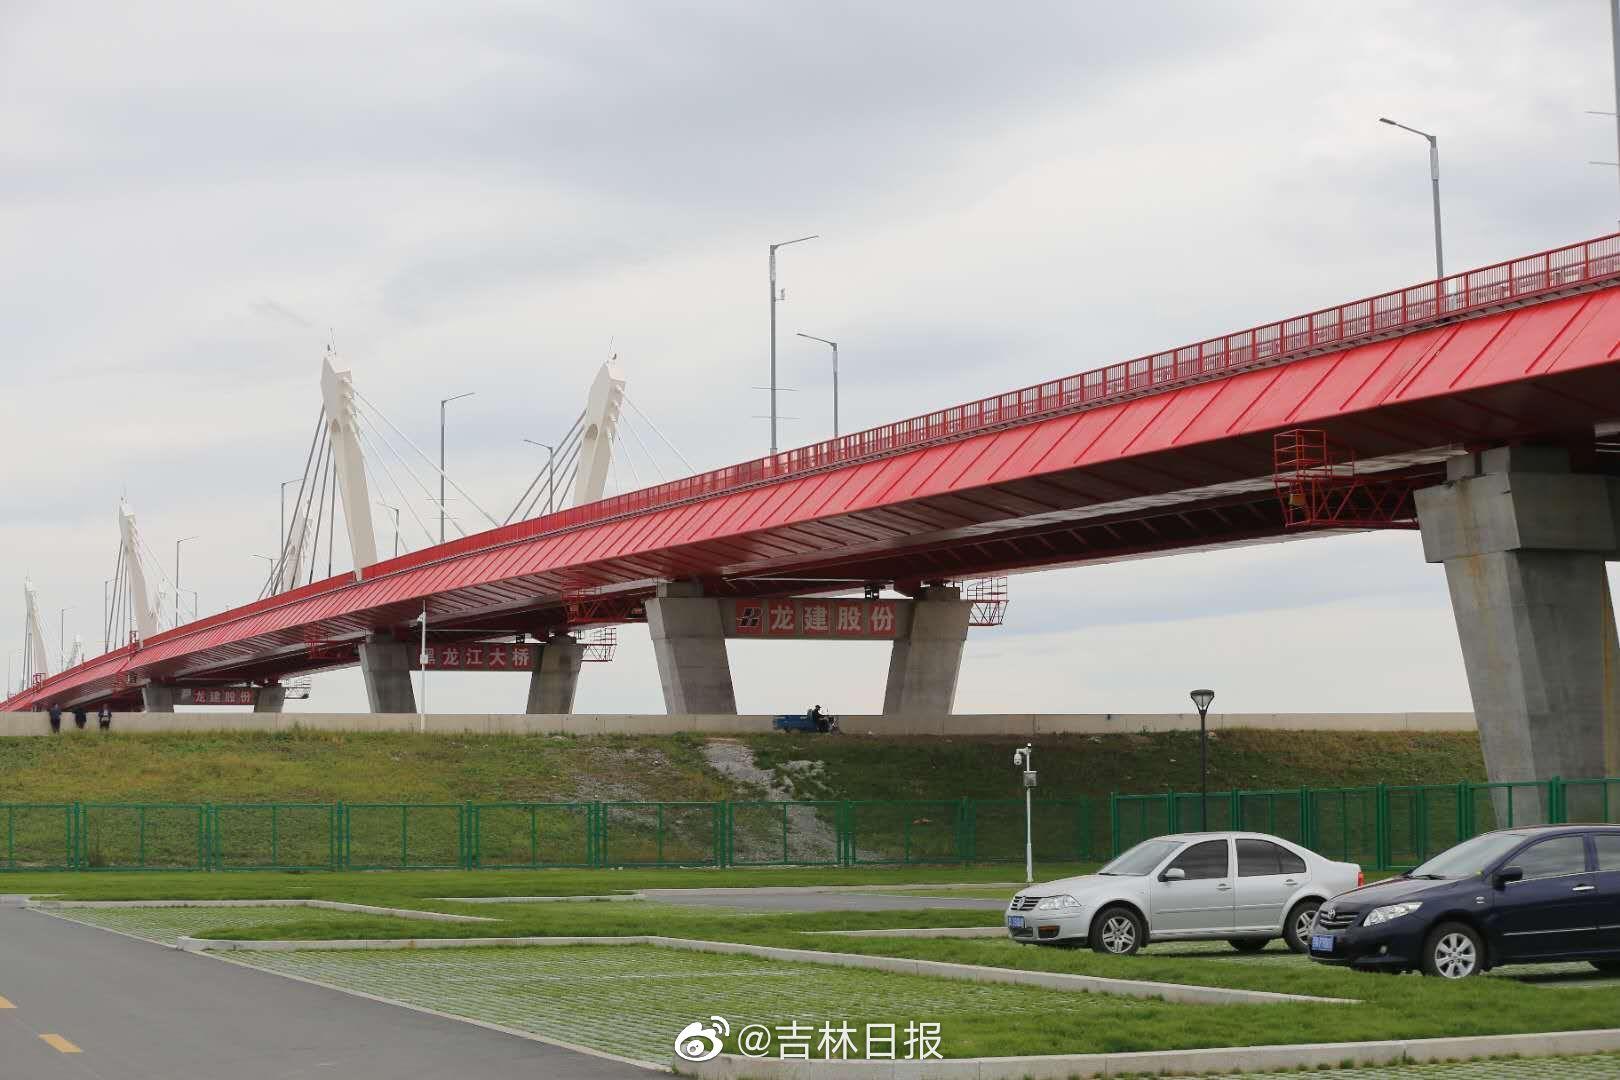 踏访中俄首座跨界江公路大桥:黑河黑龙江大桥